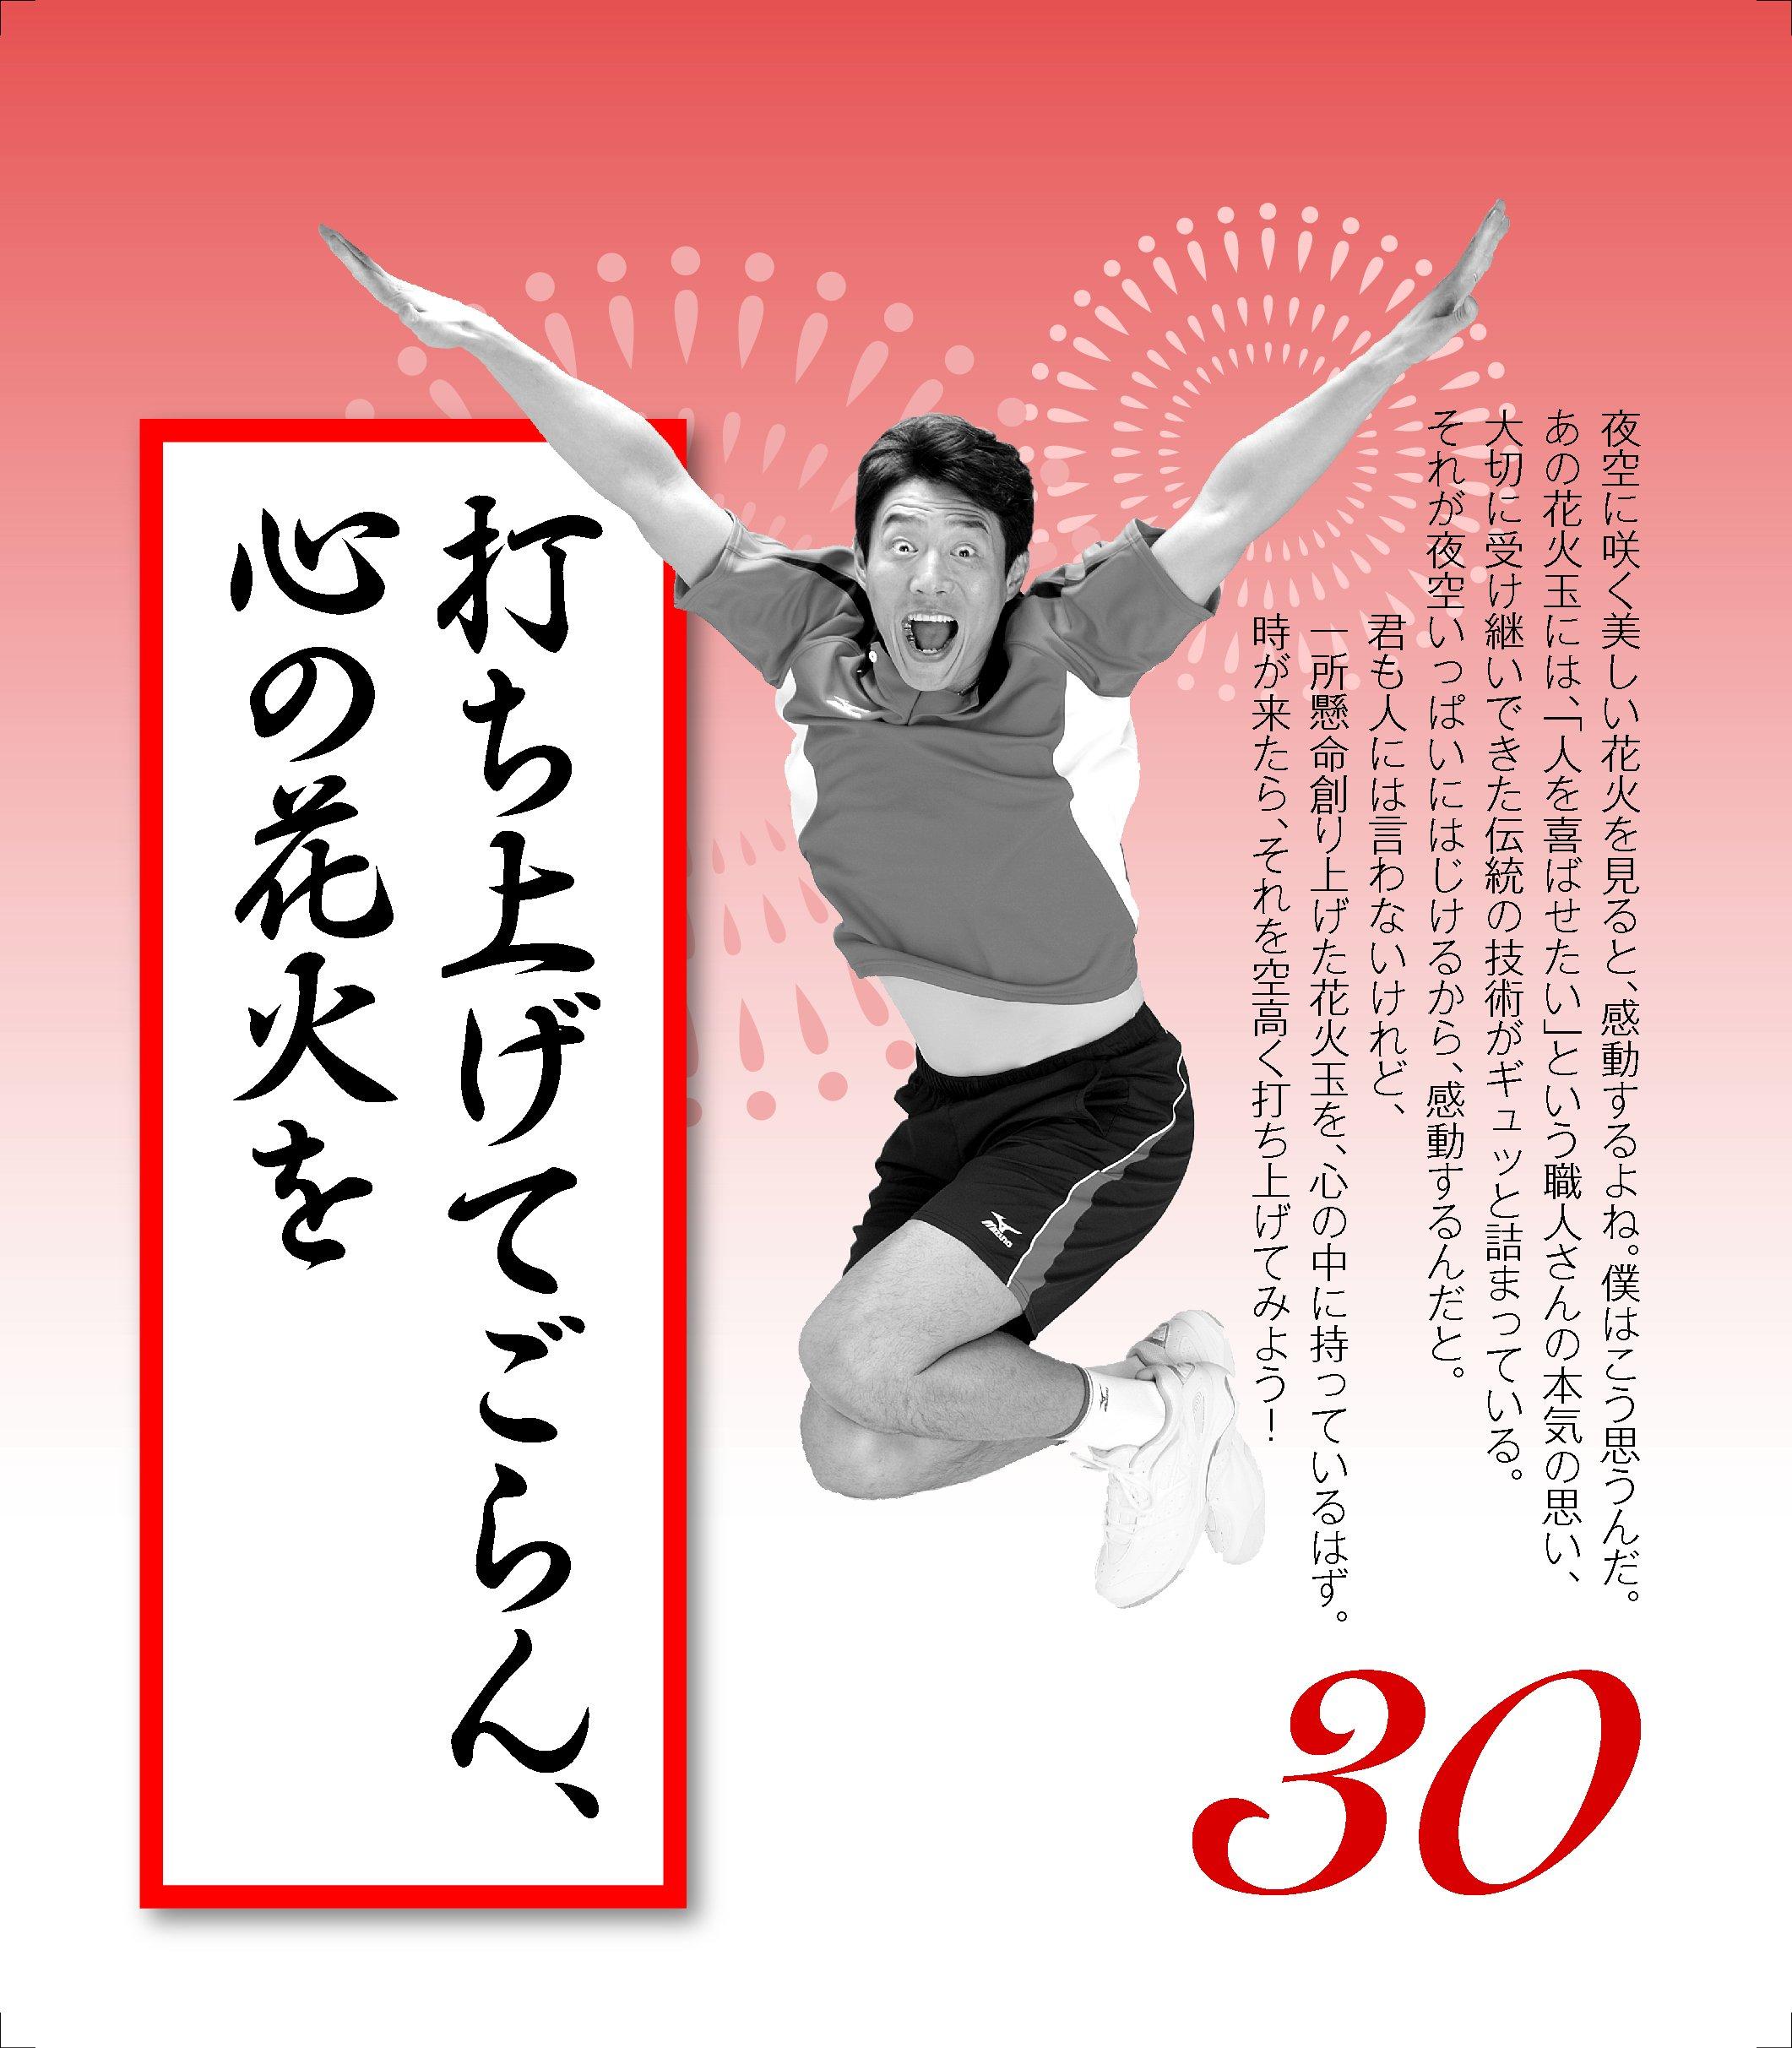 カレンダー 2015年カレンダー デスクトップ : ... )カレンダー - NAVER まとめ